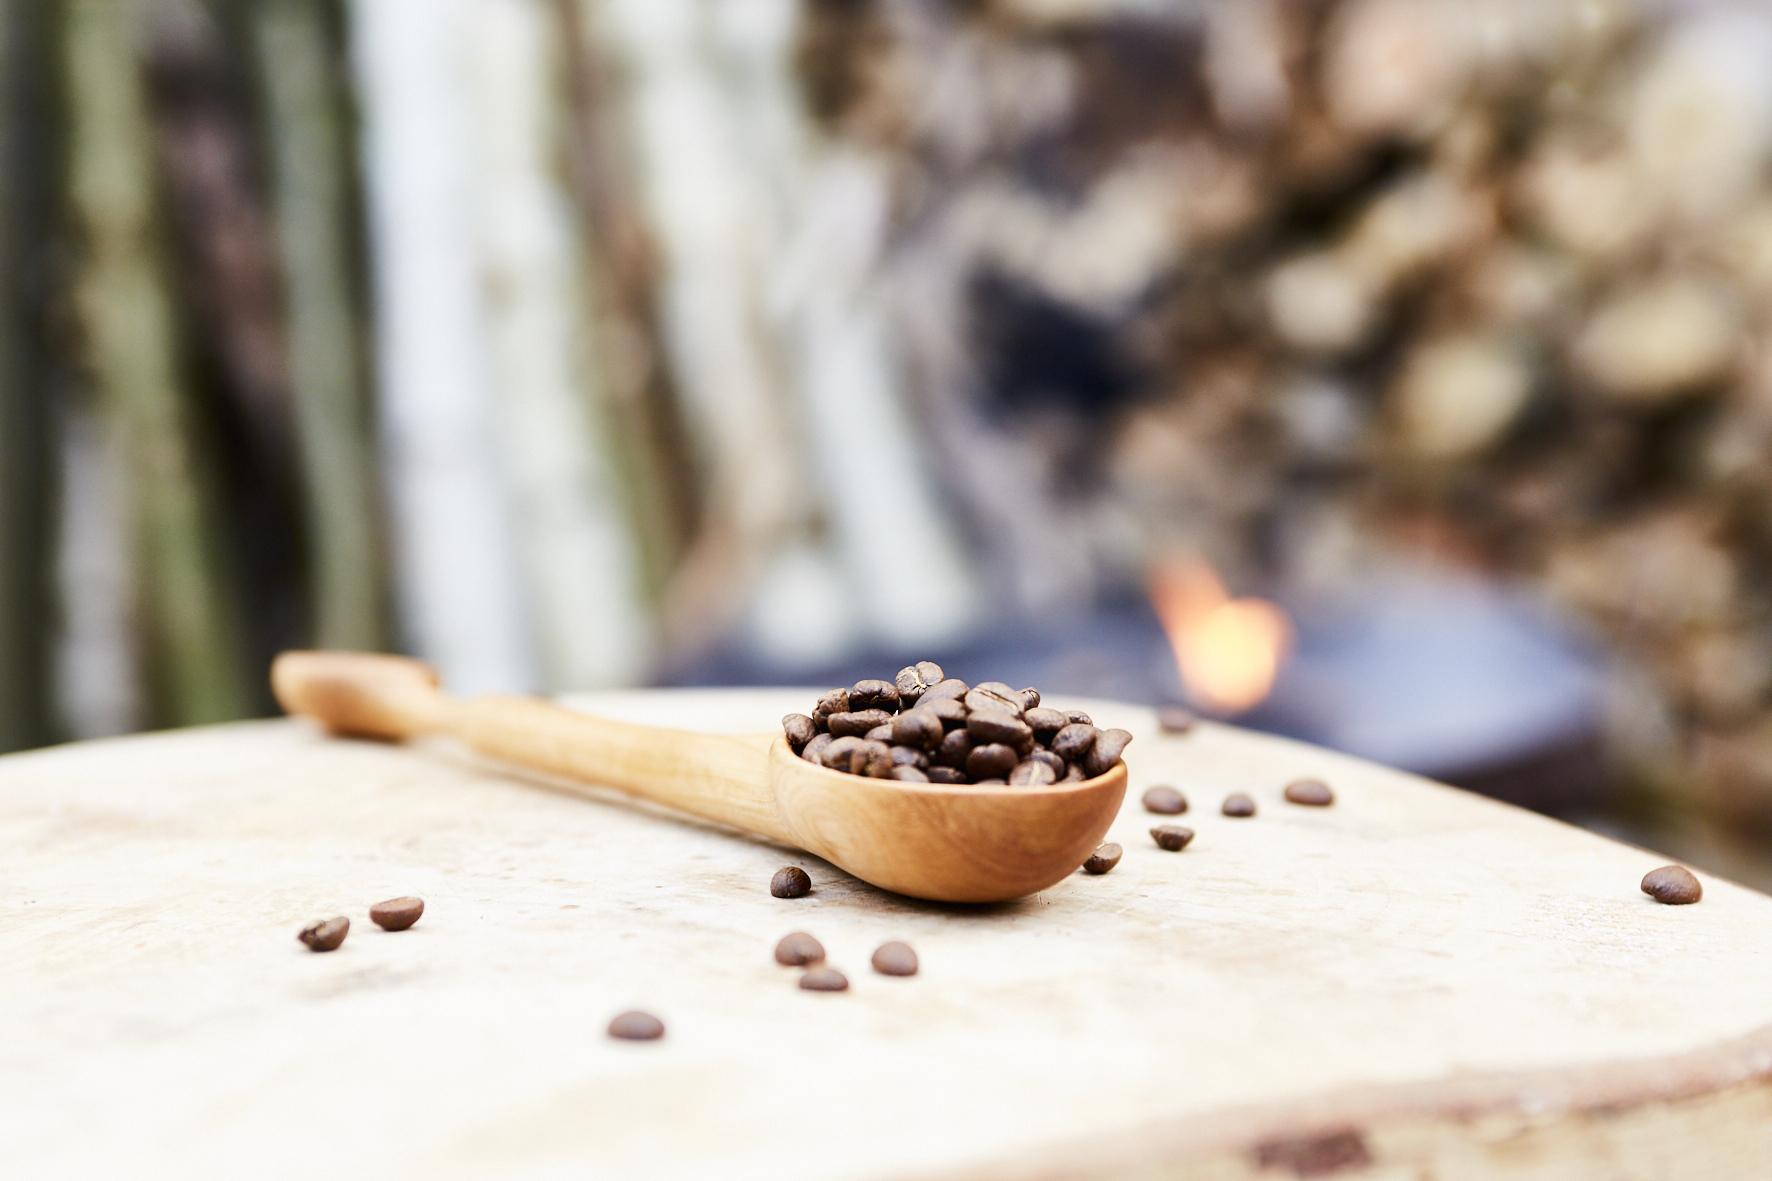 Домашний мастер: вырезание деревянной ложки или лопатки для кофе.